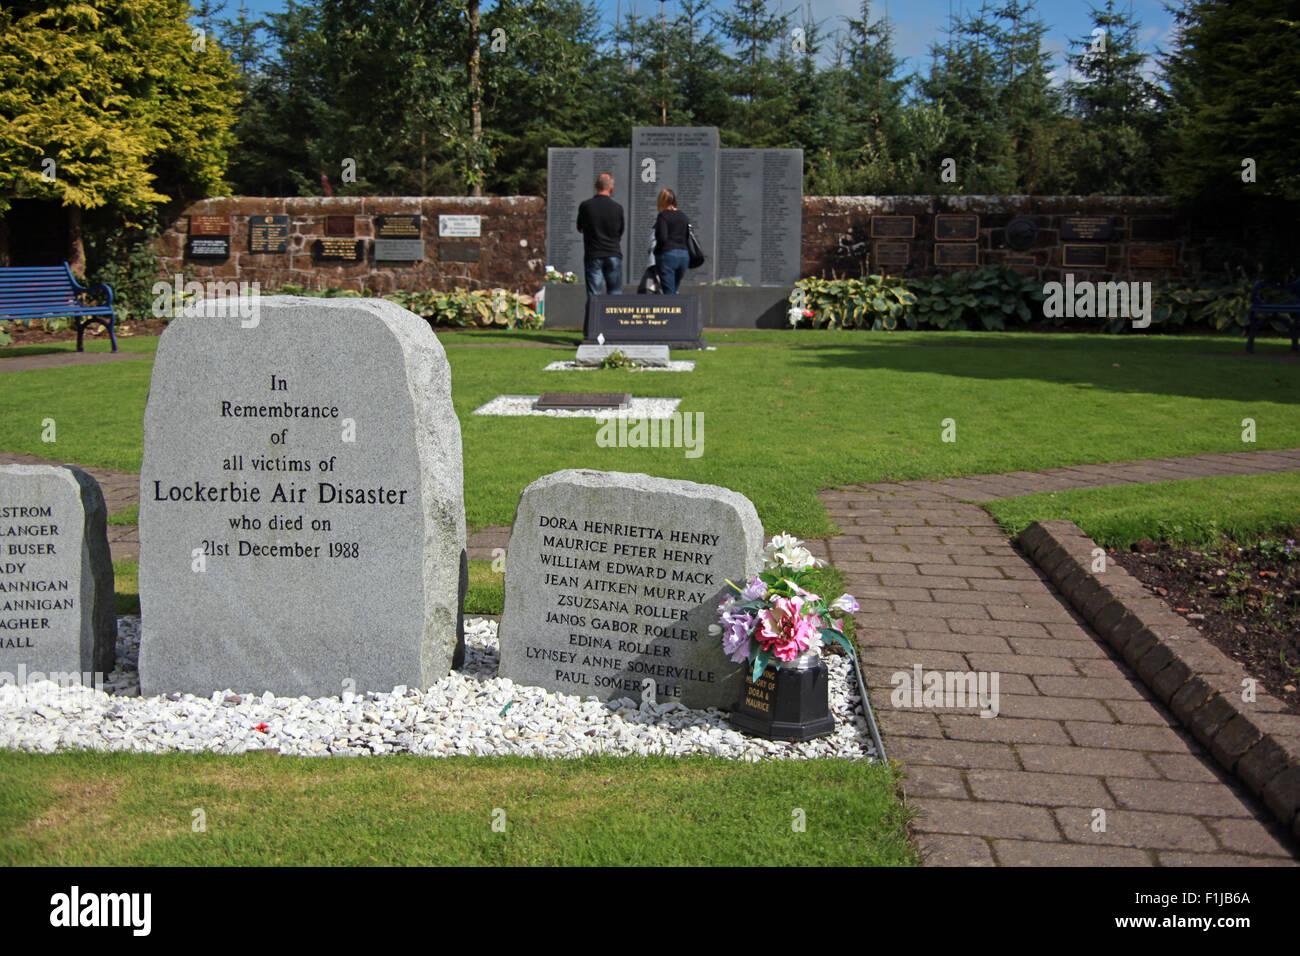 Lockerbie PanAm103 In Rememberance Memorial Visitors Remembering, Scotland Stock Photo